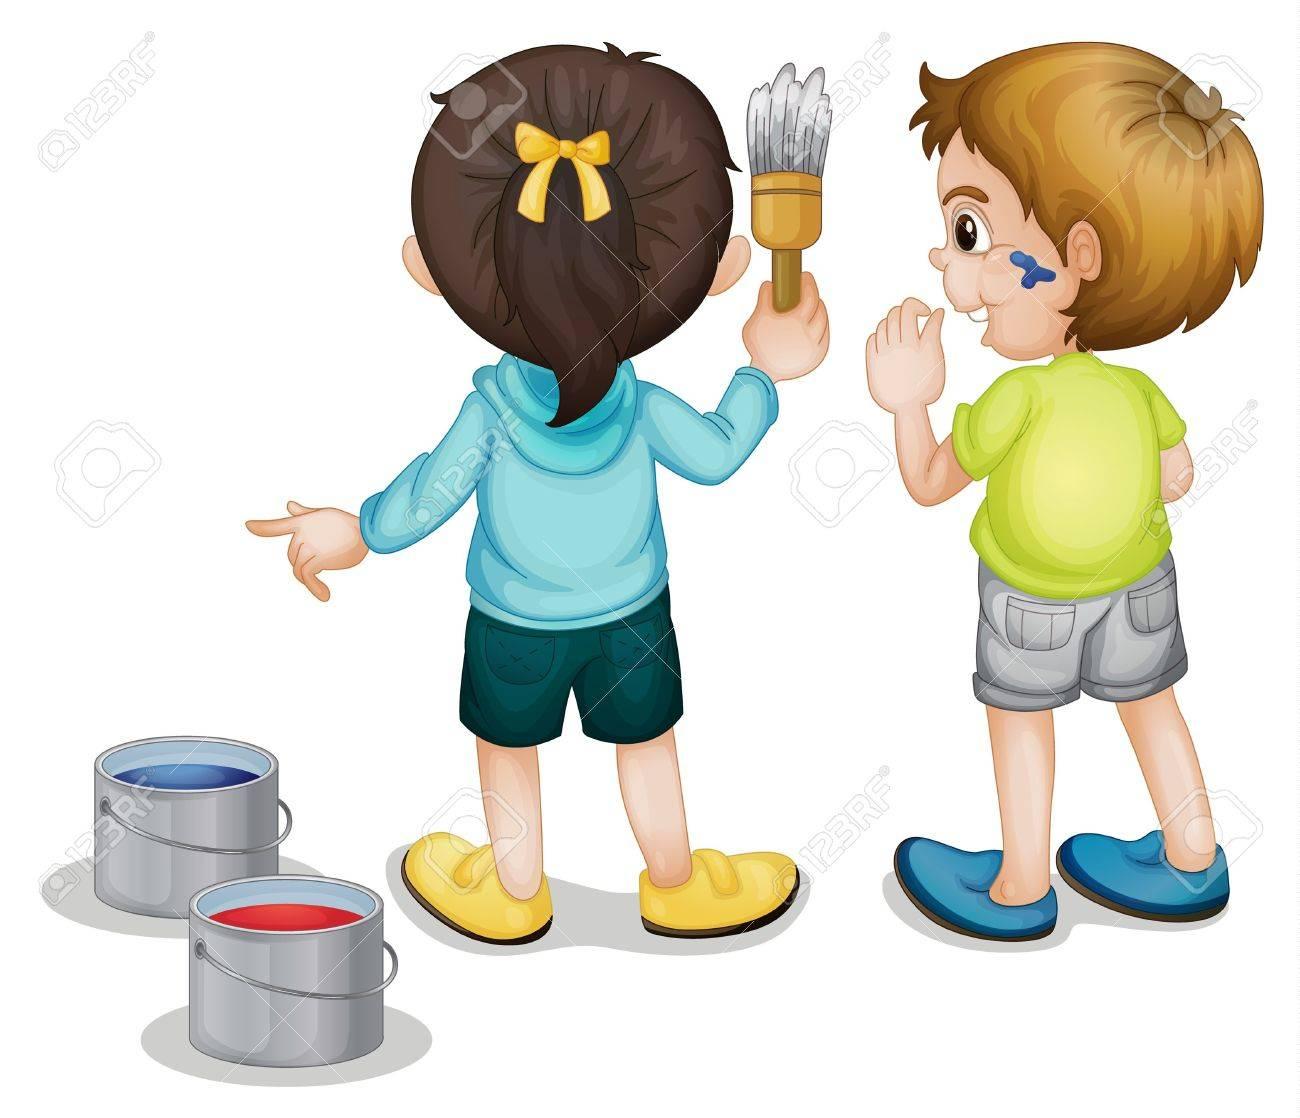 2 人の子供の絵のイラスト ロイヤリティフリークリップアート